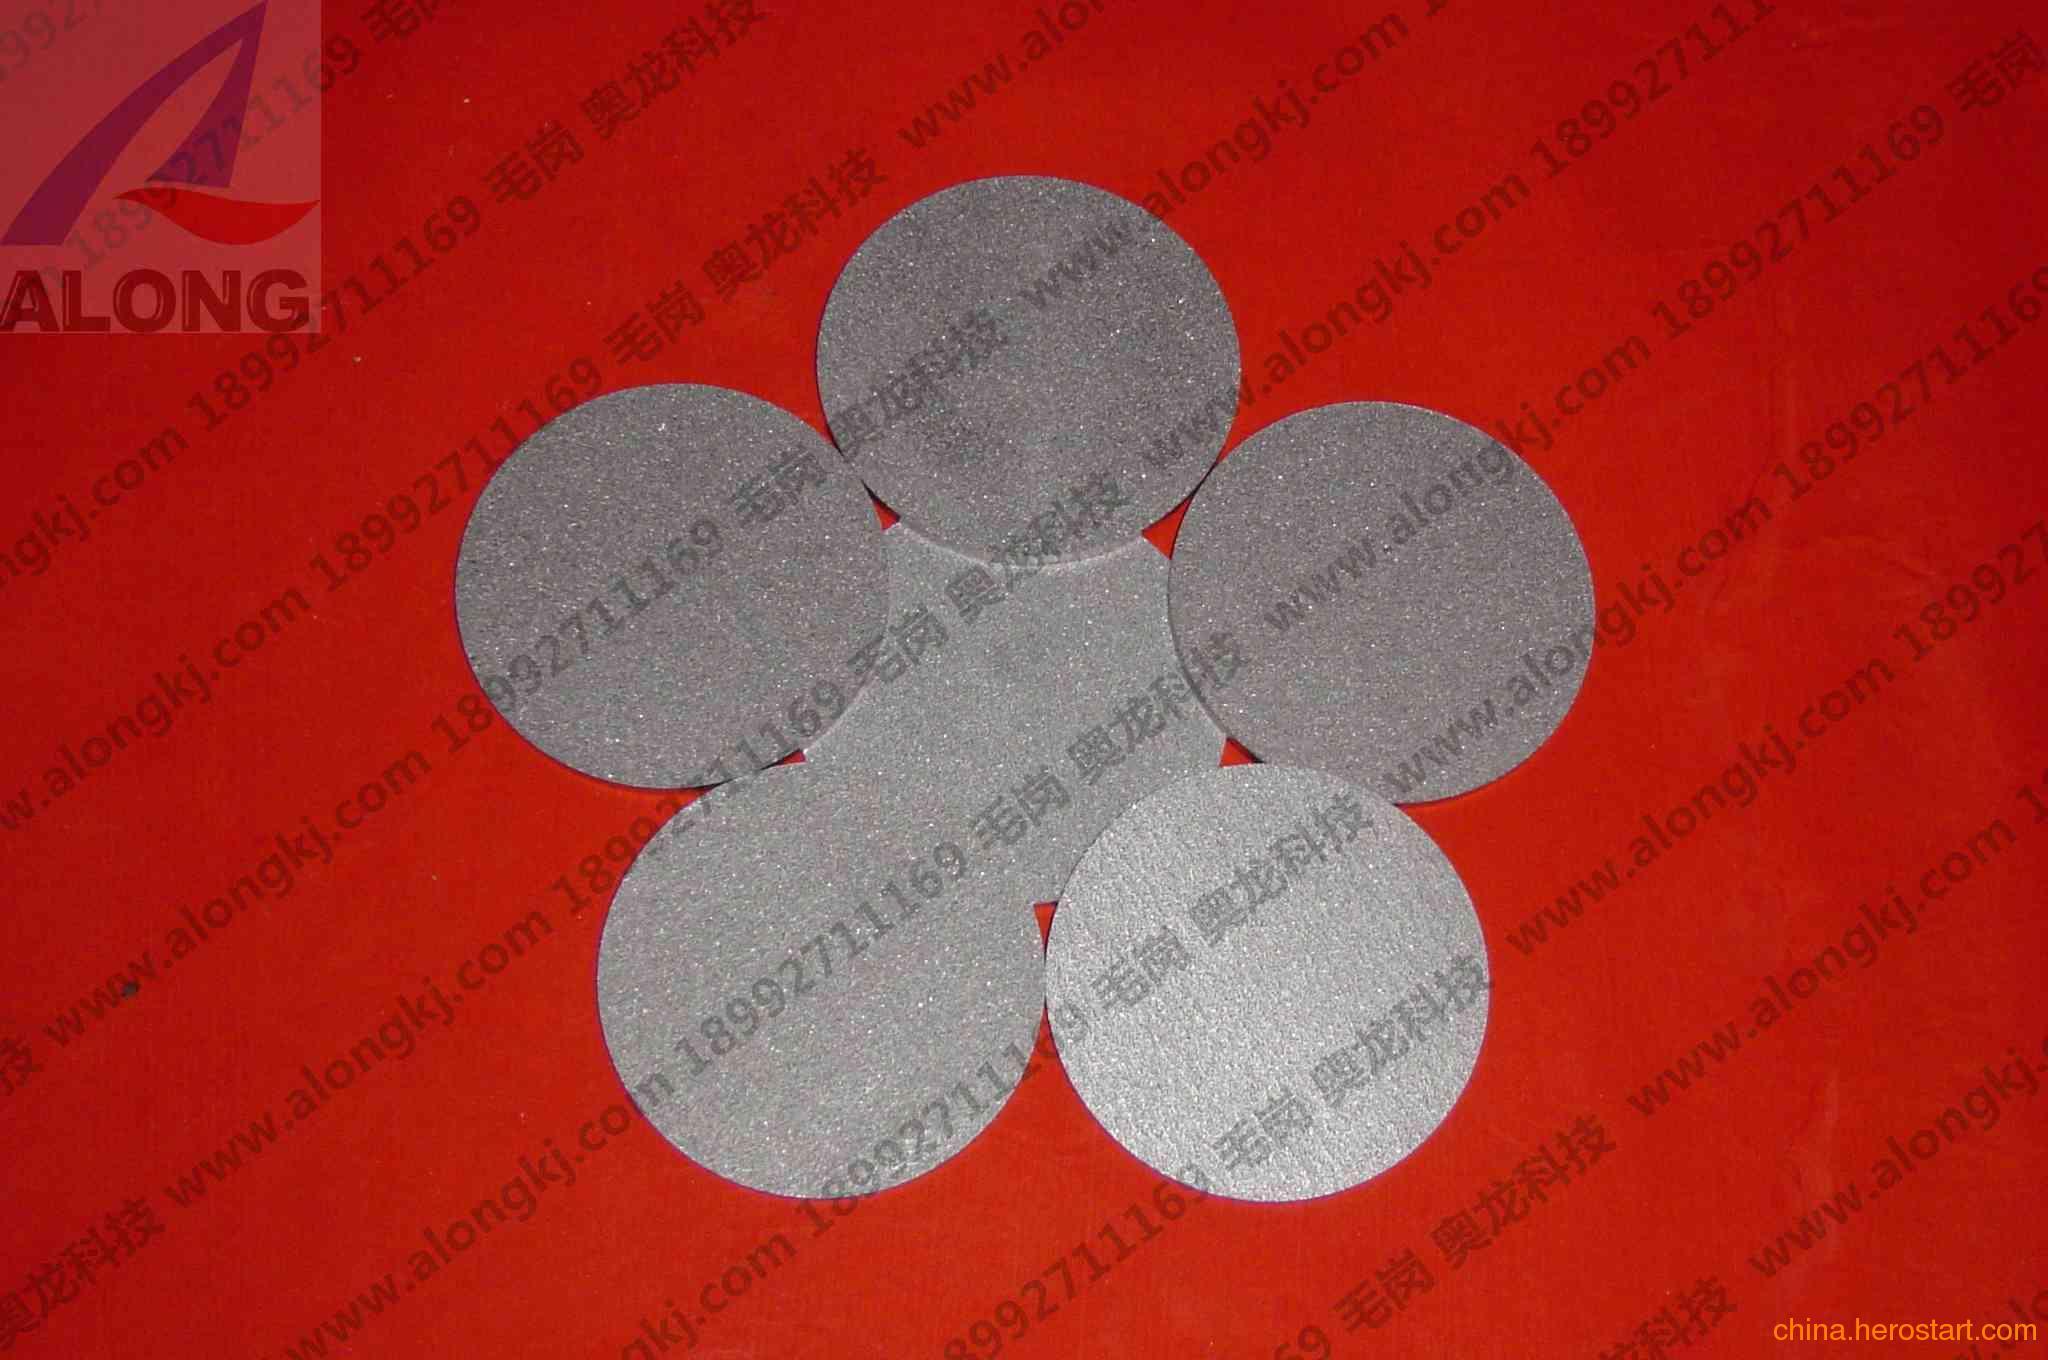 供应不锈钢金属粉末烧结微孔过滤材料滤片